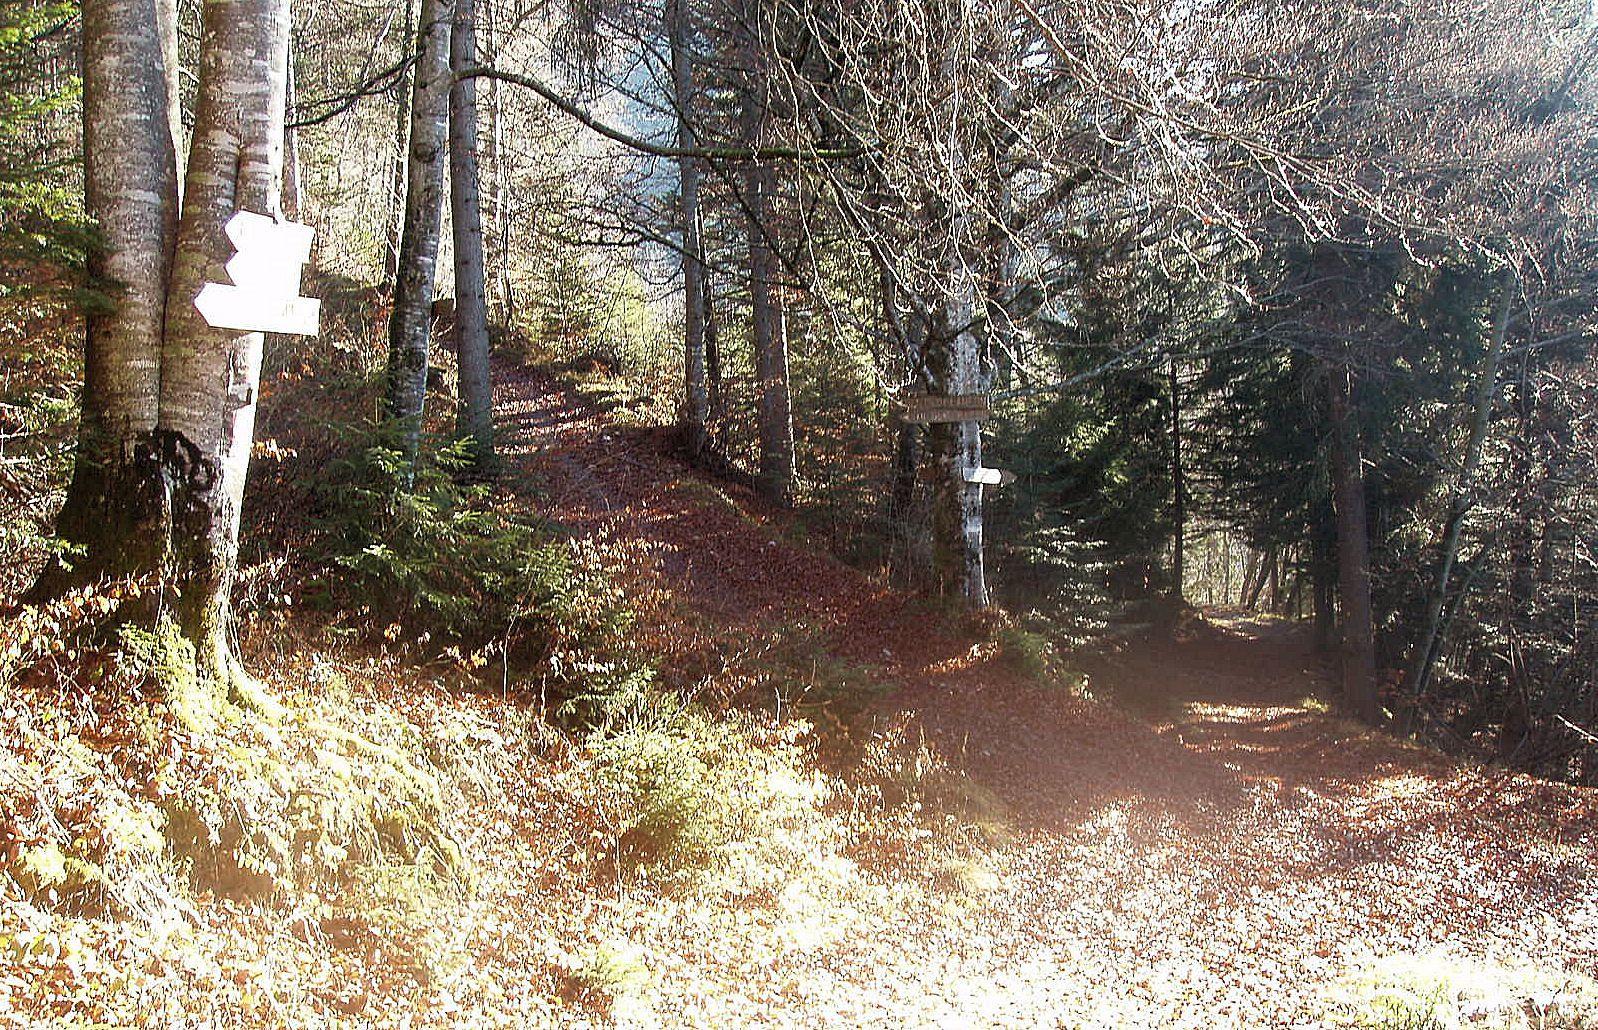 Point coté 1120m. A gauche, direction les dents de Lanfon. Le retour se fait par le sentier de droite.